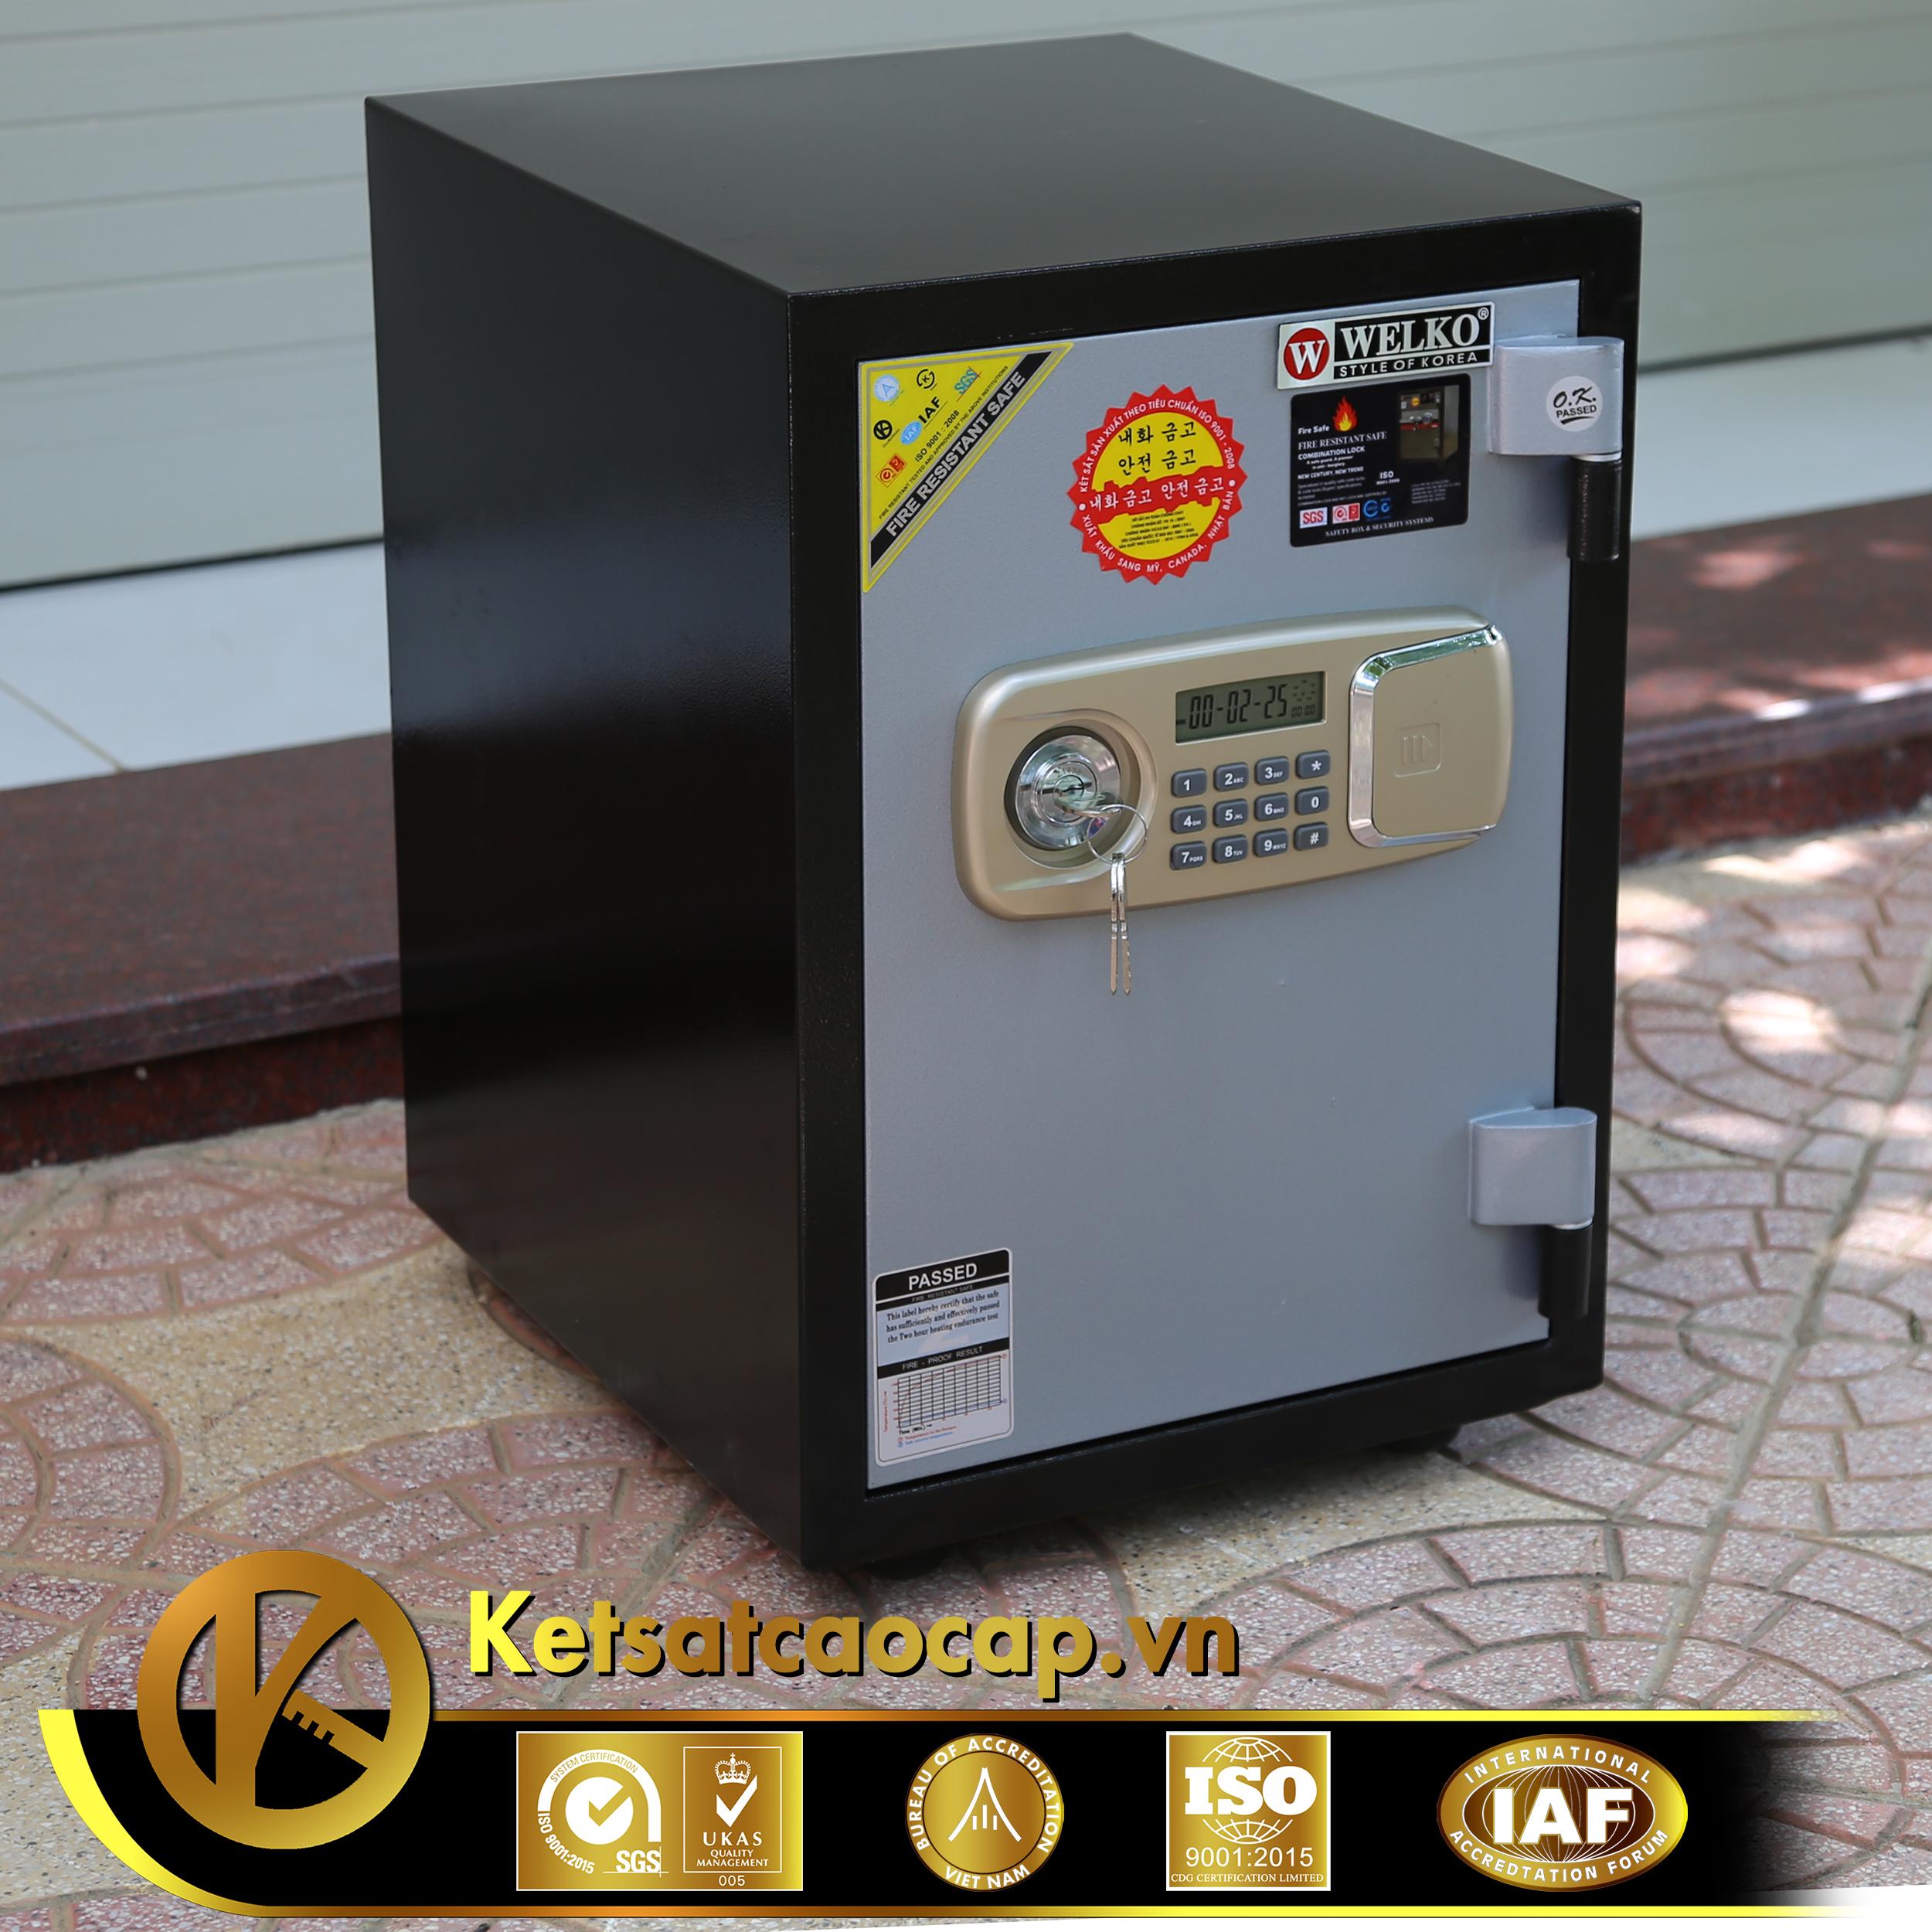 đặc điểm sản phẩm Két sắt văn phòng KS80DB-Sereis E Việt Nam